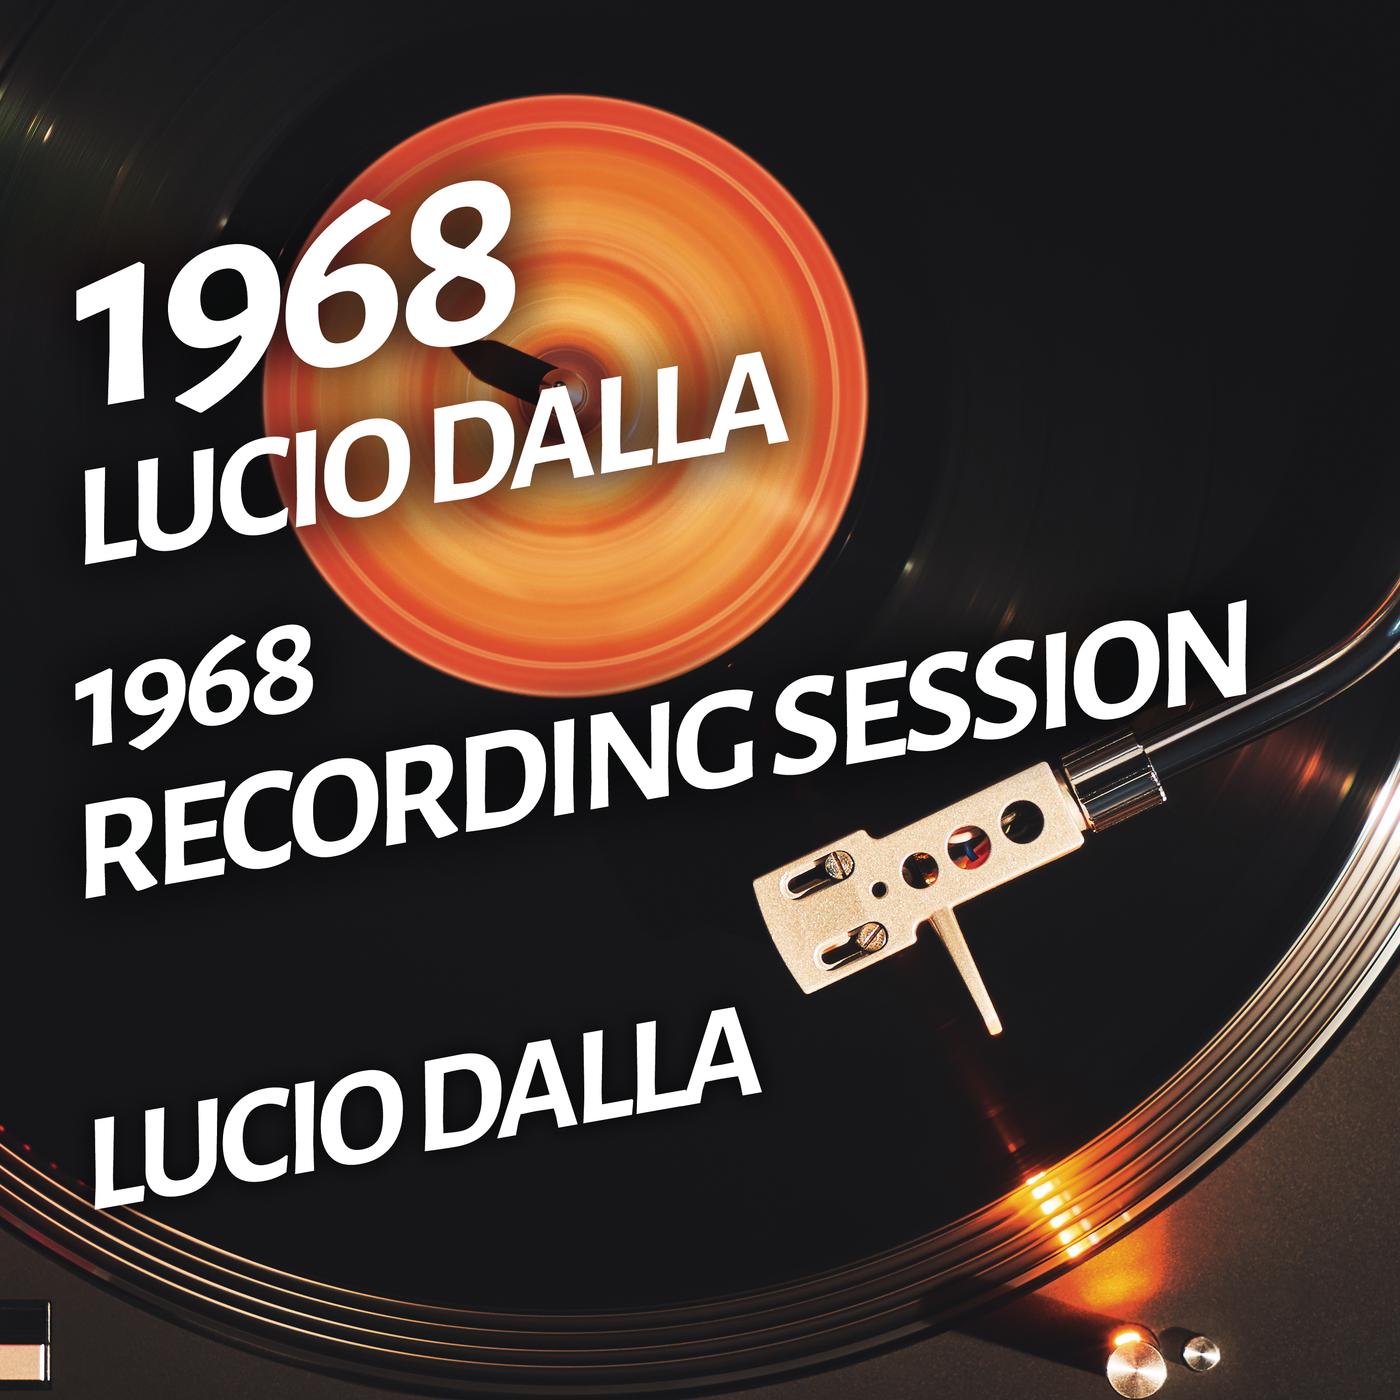 1968 Recording Session - Lucio Dalla